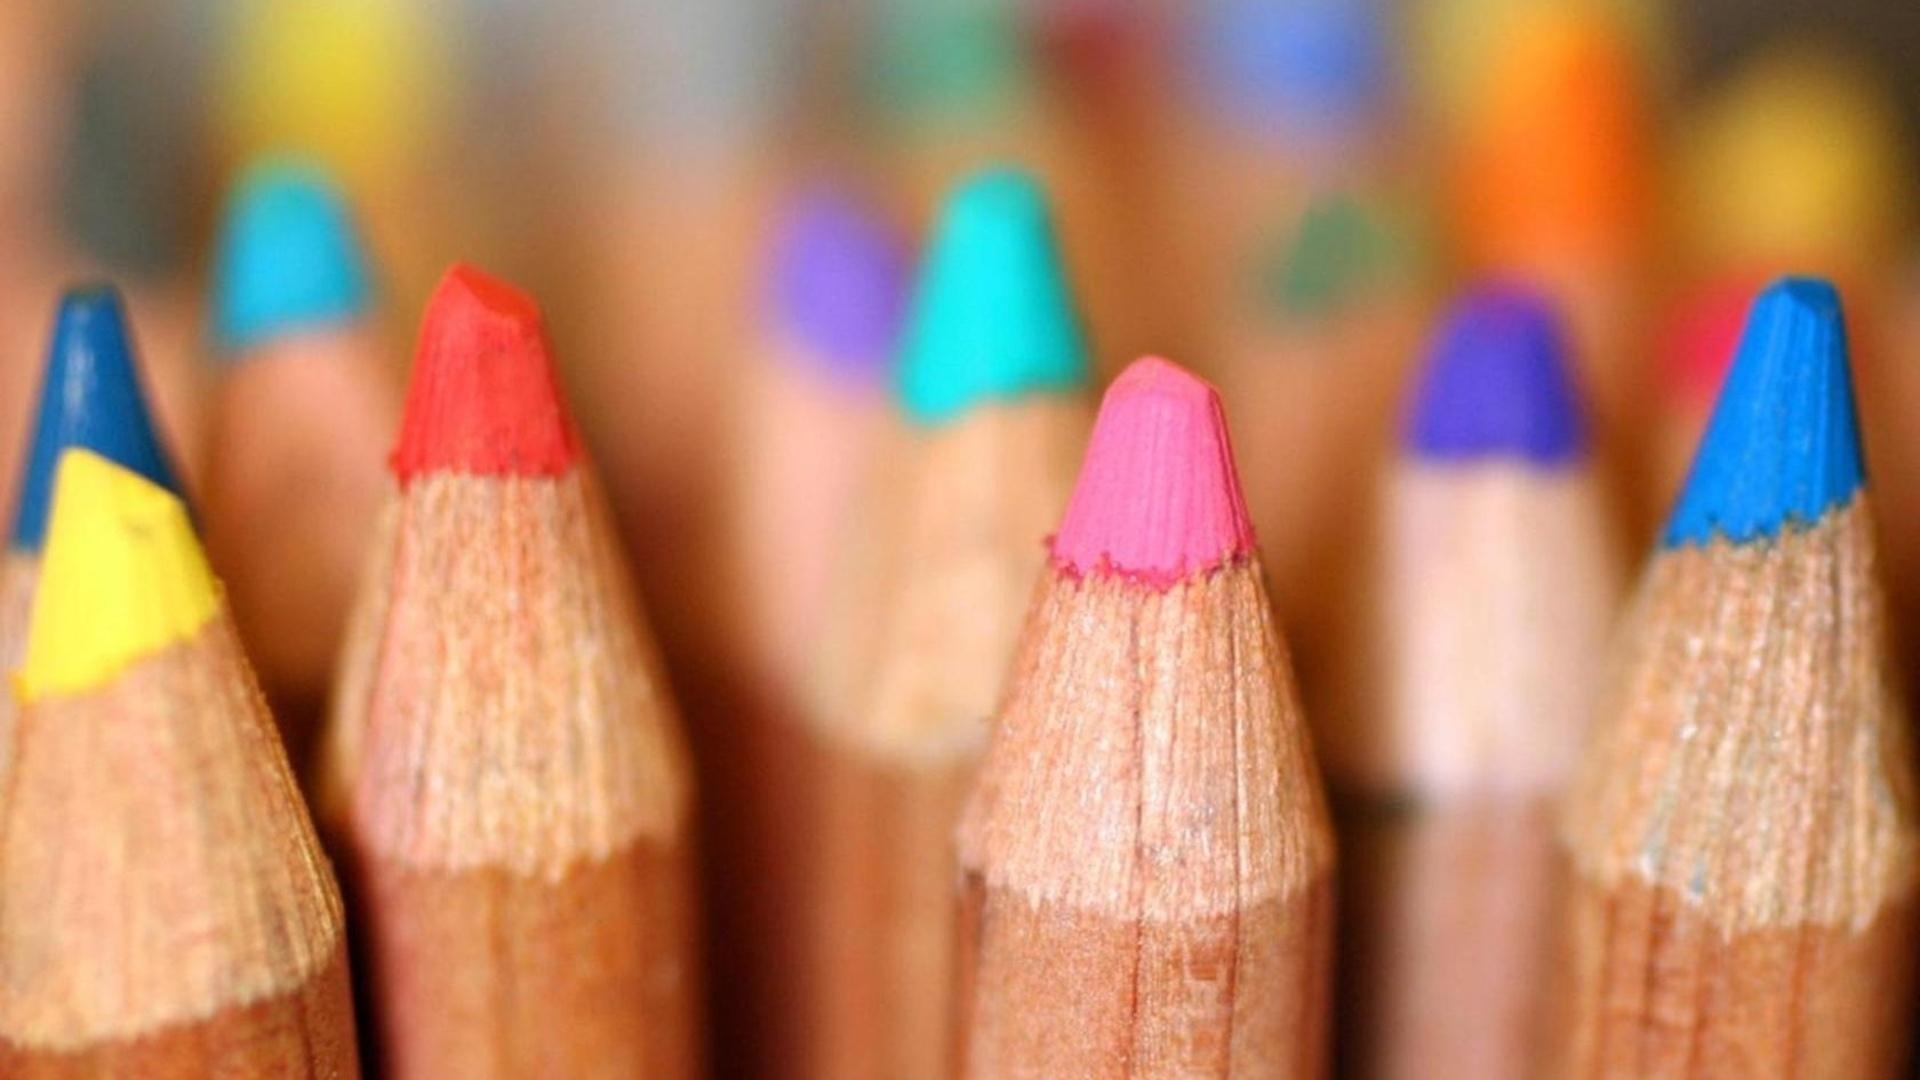 Pencil Picture